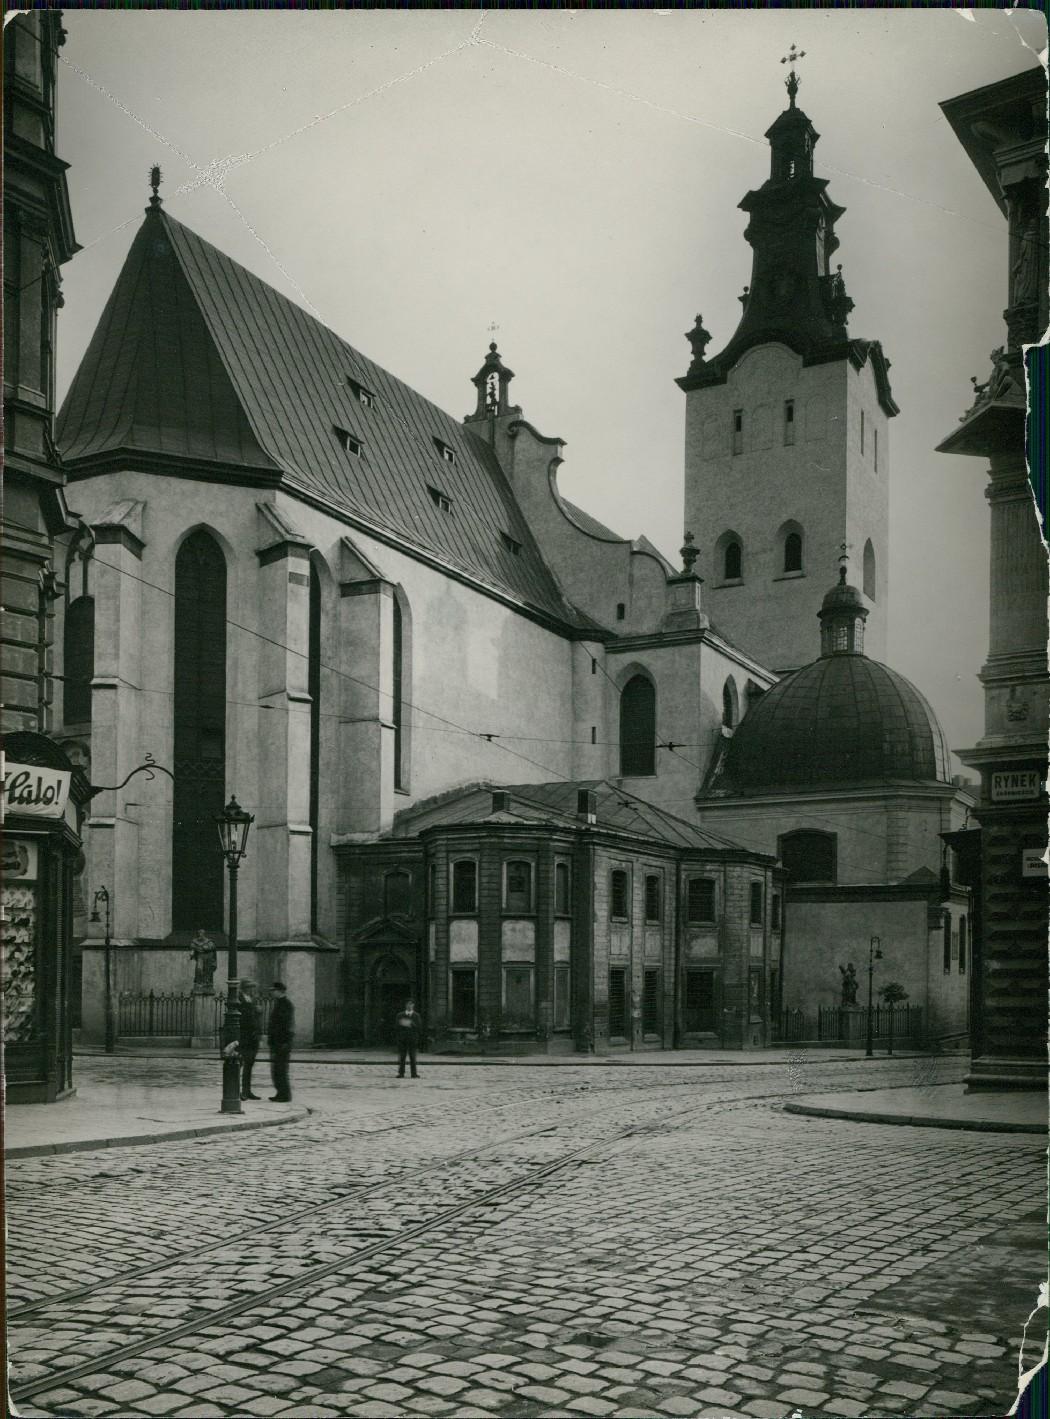 Народження нового світу: міські досвіди у Східній Європі після 1917 року